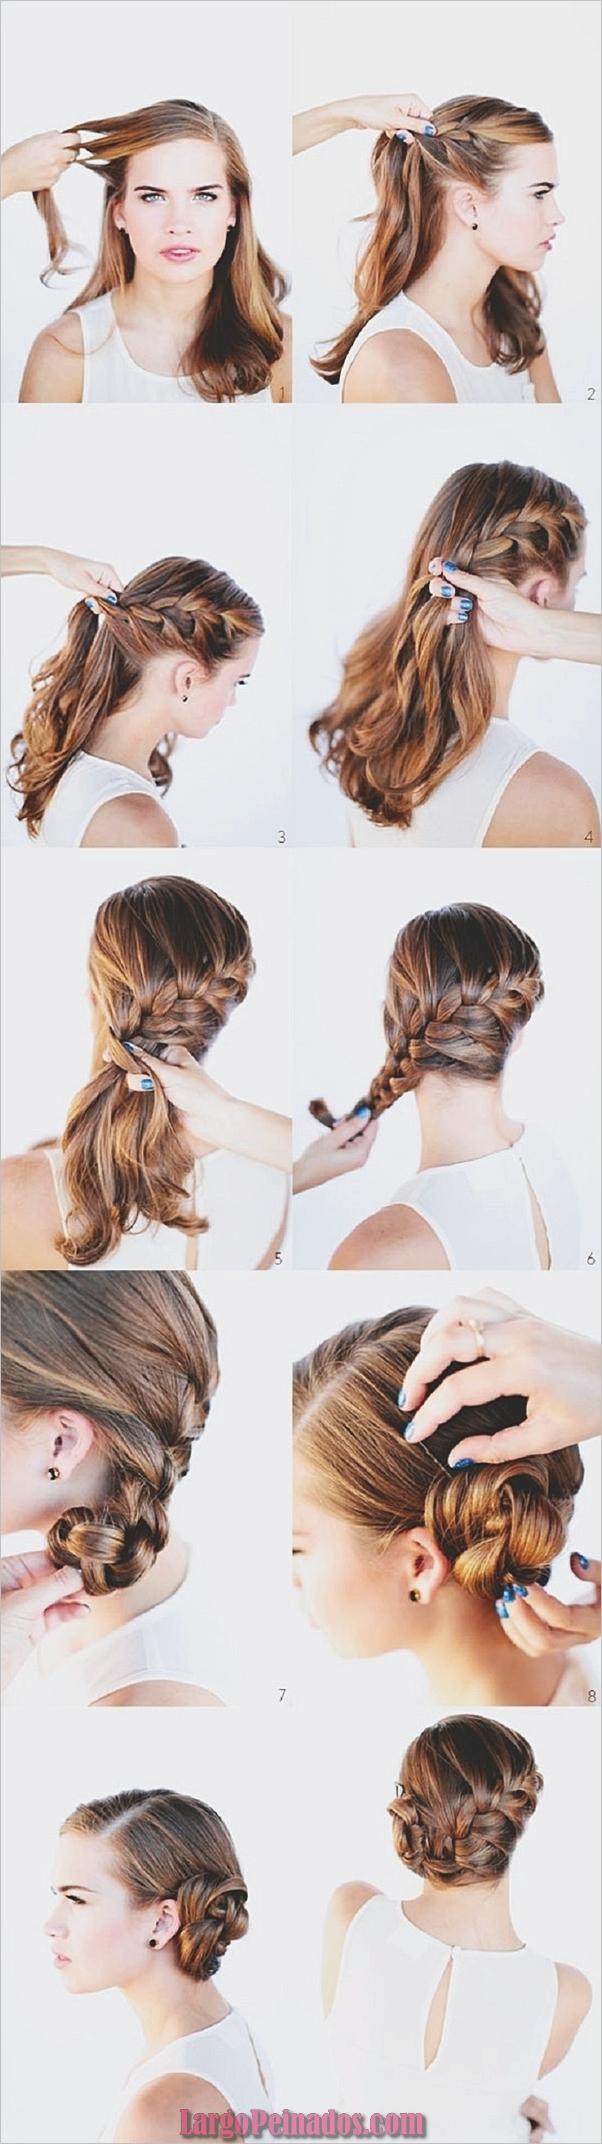 Peinados fáciles paso a paso para cabello largo16